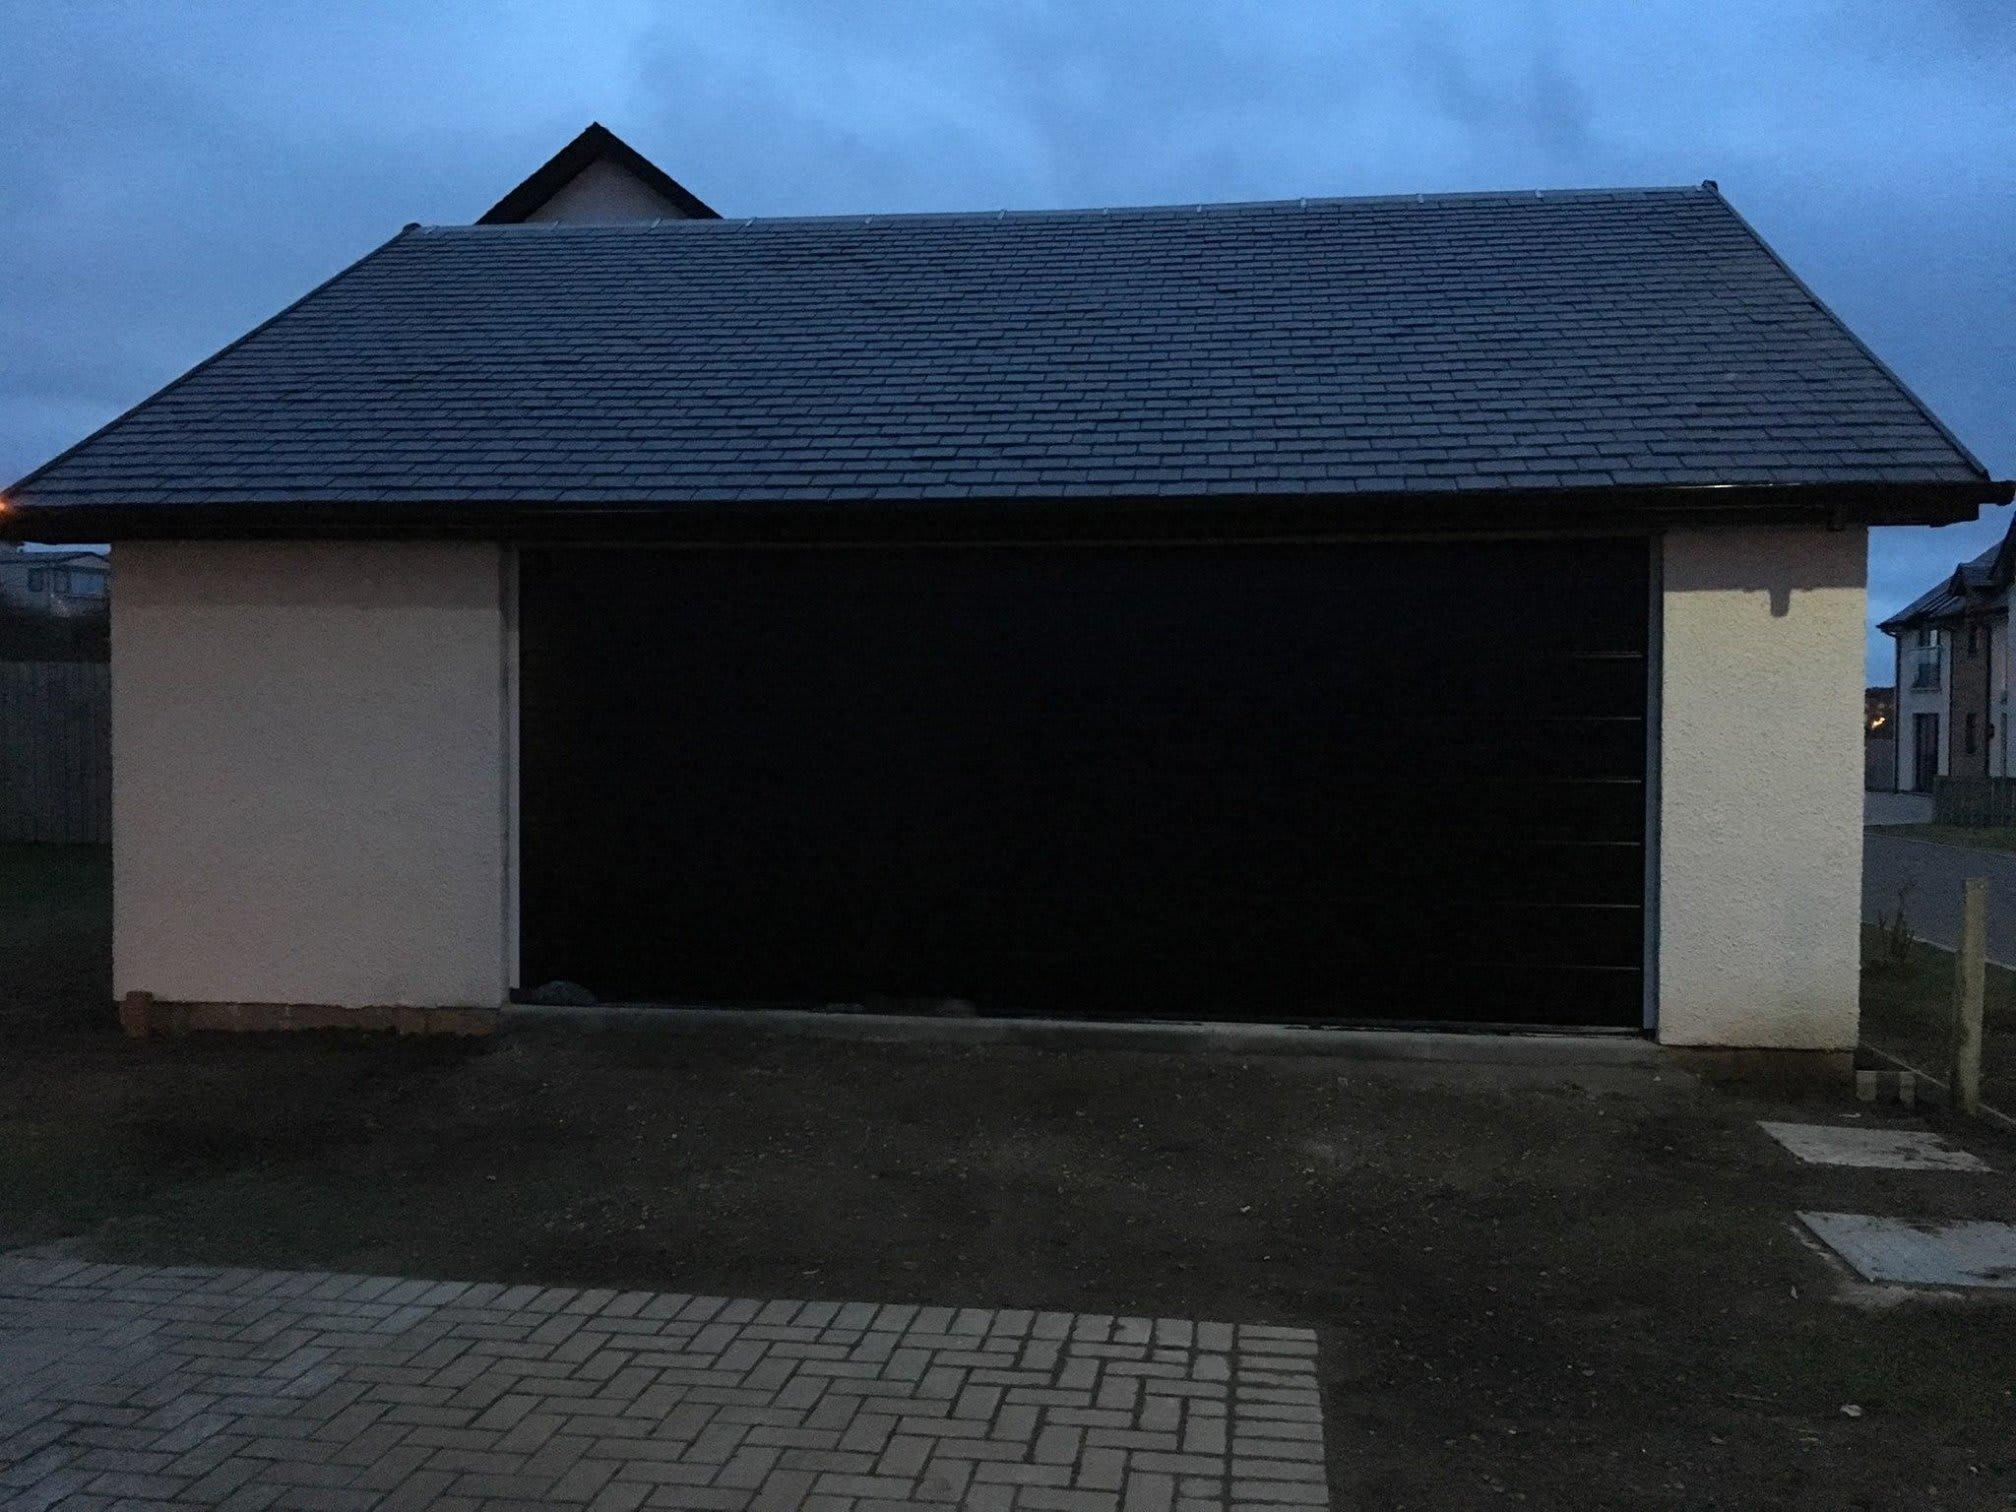 West coast garage doors doors shutters sales and for Garage door repairs palm coast fl